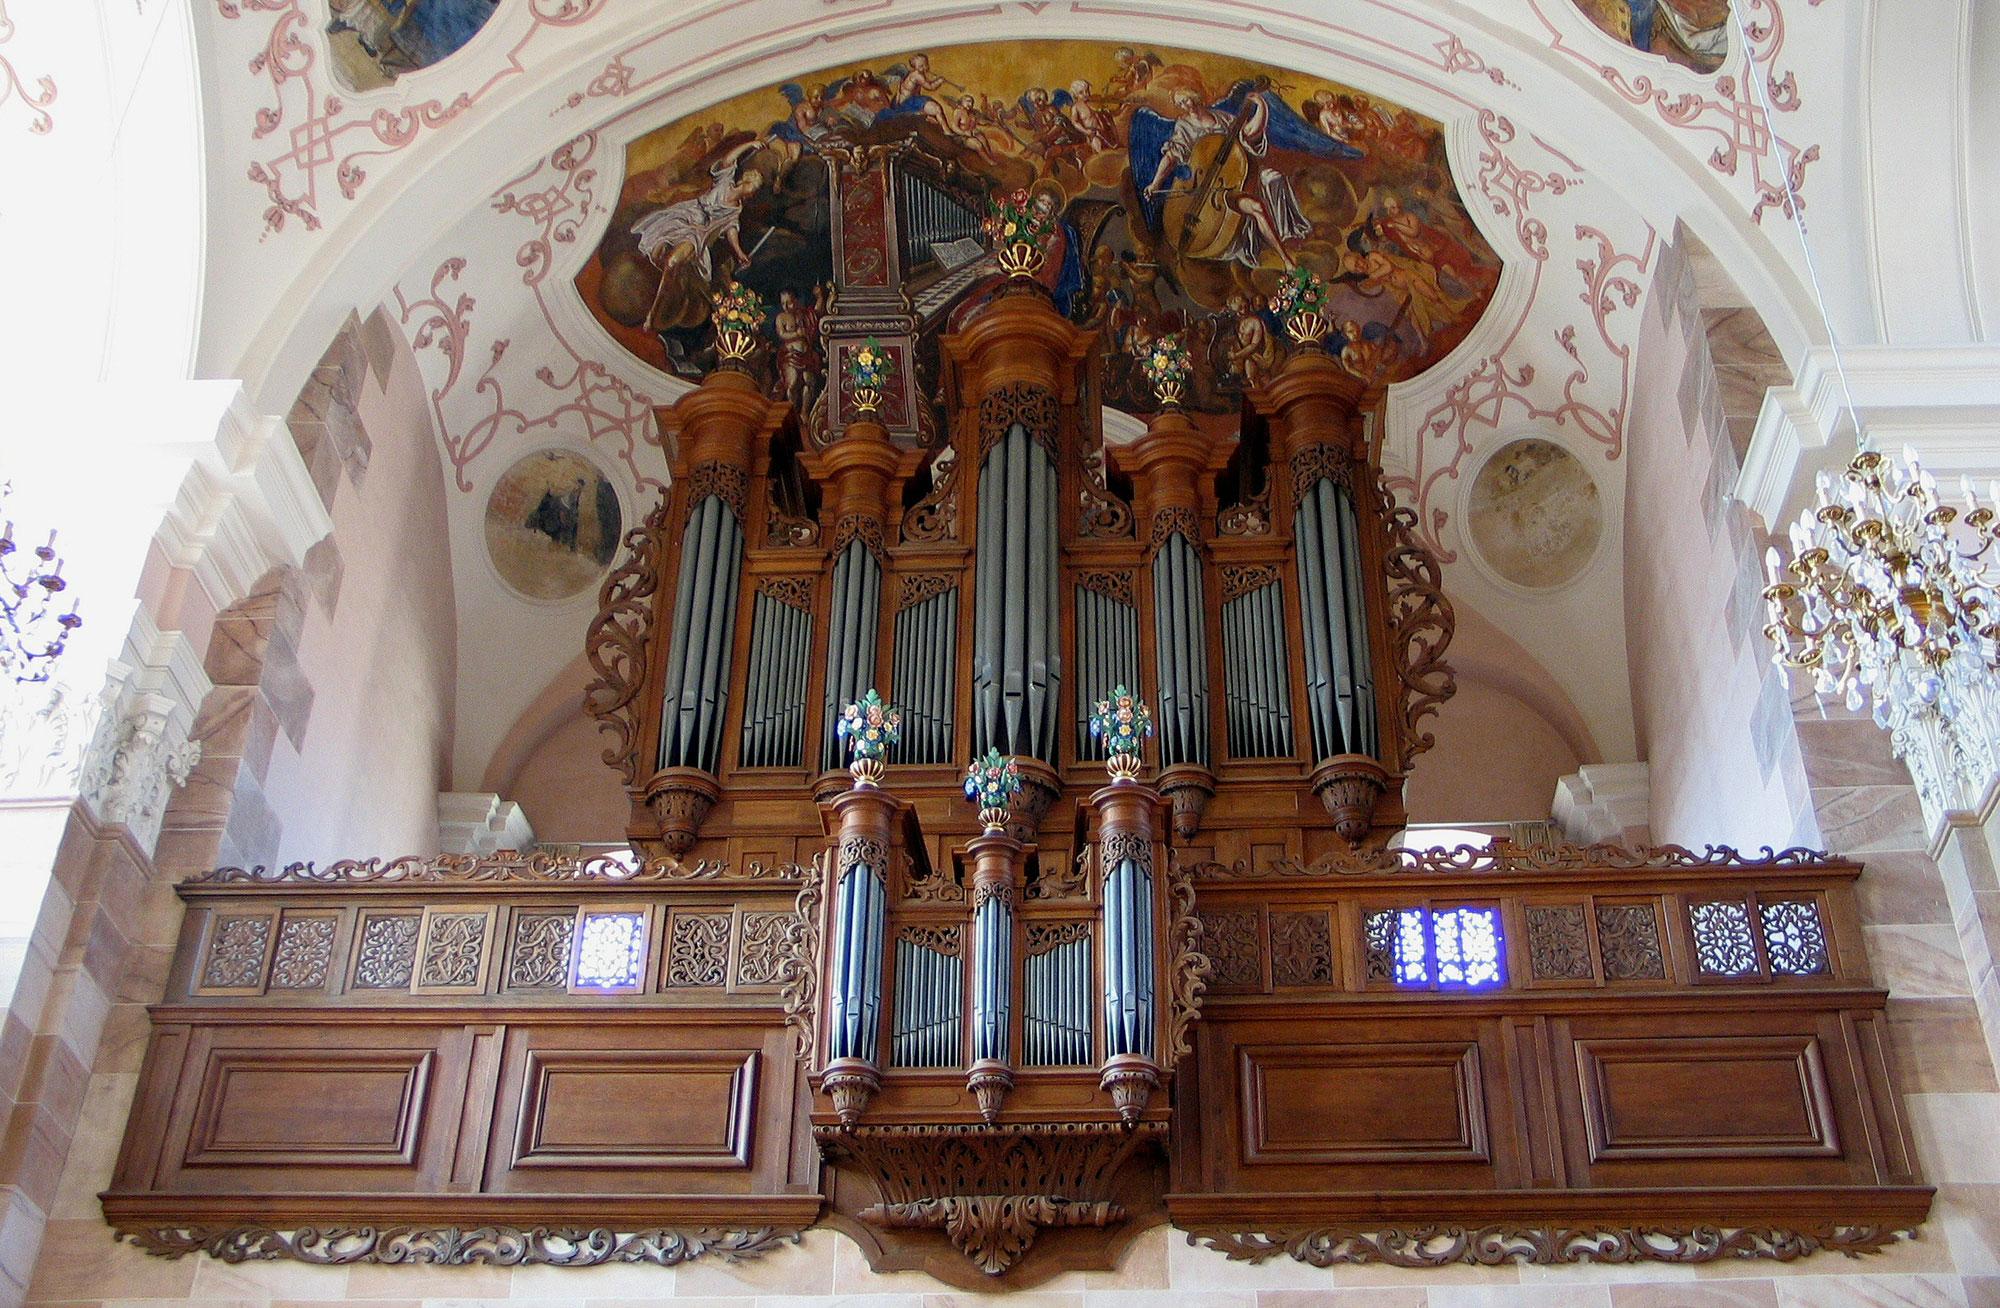 1732 Andreas Silbermann Organ